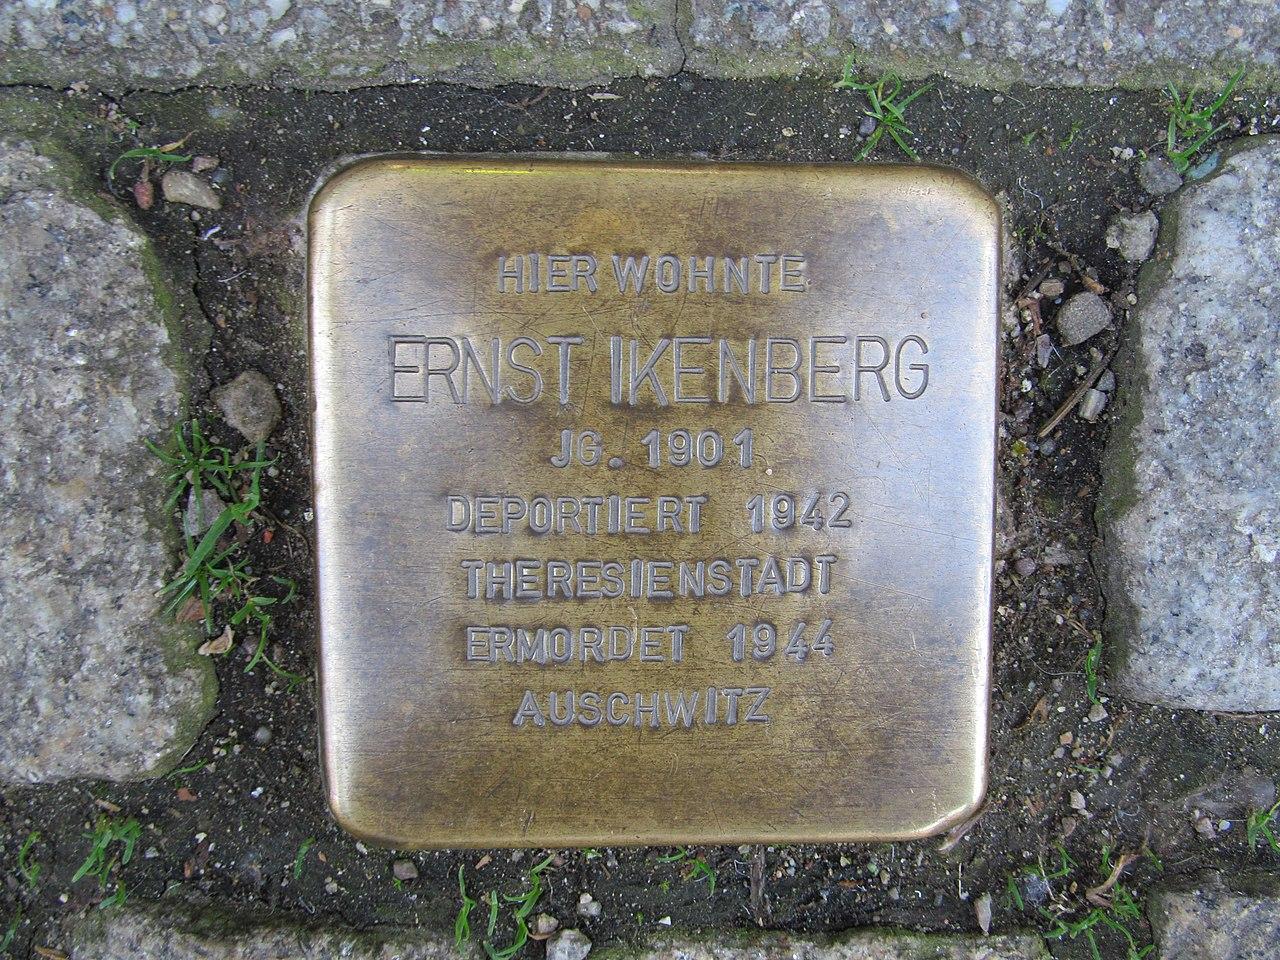 Stolperstein Ernst Ikenberg, 1, Göpenstraße 13, Sangerhausen, Landkreis Mansfeld-Südharz.jpg